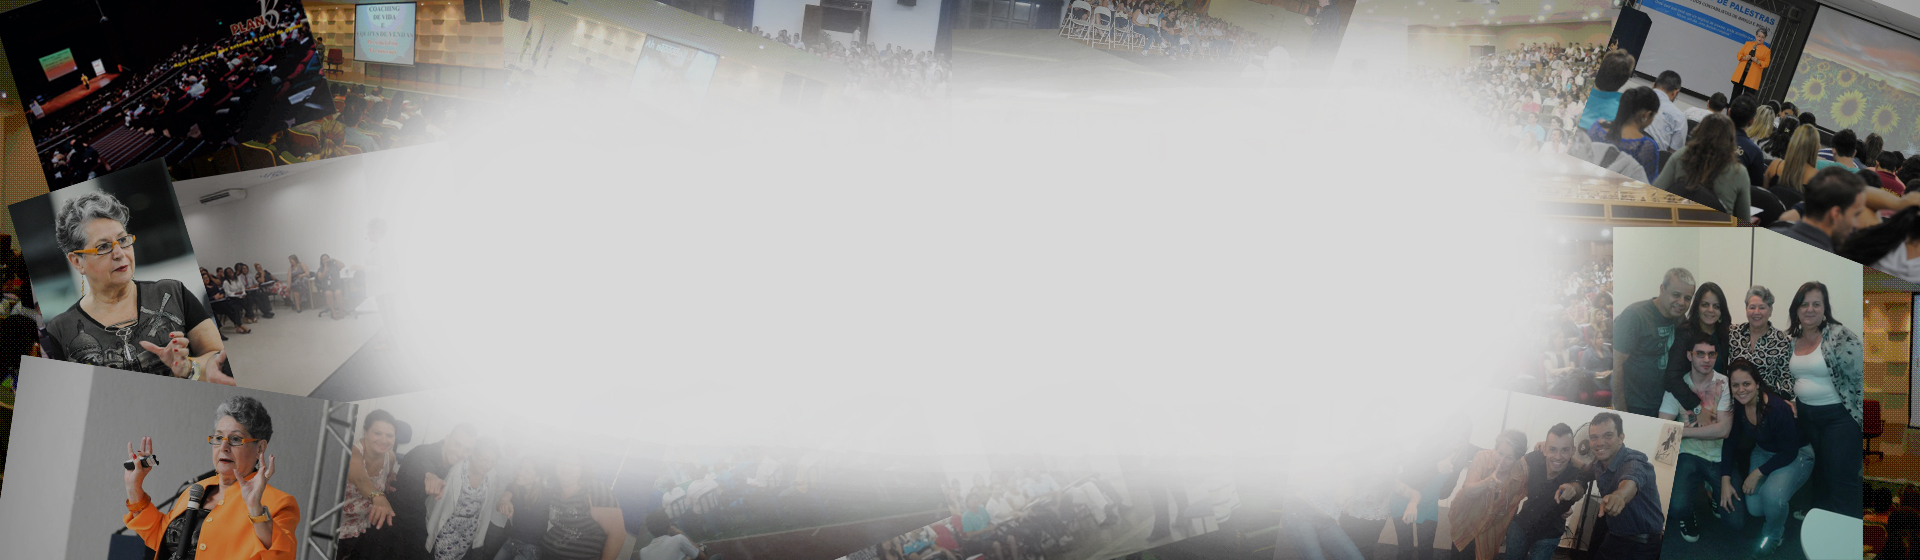 Banner4 v 1.1